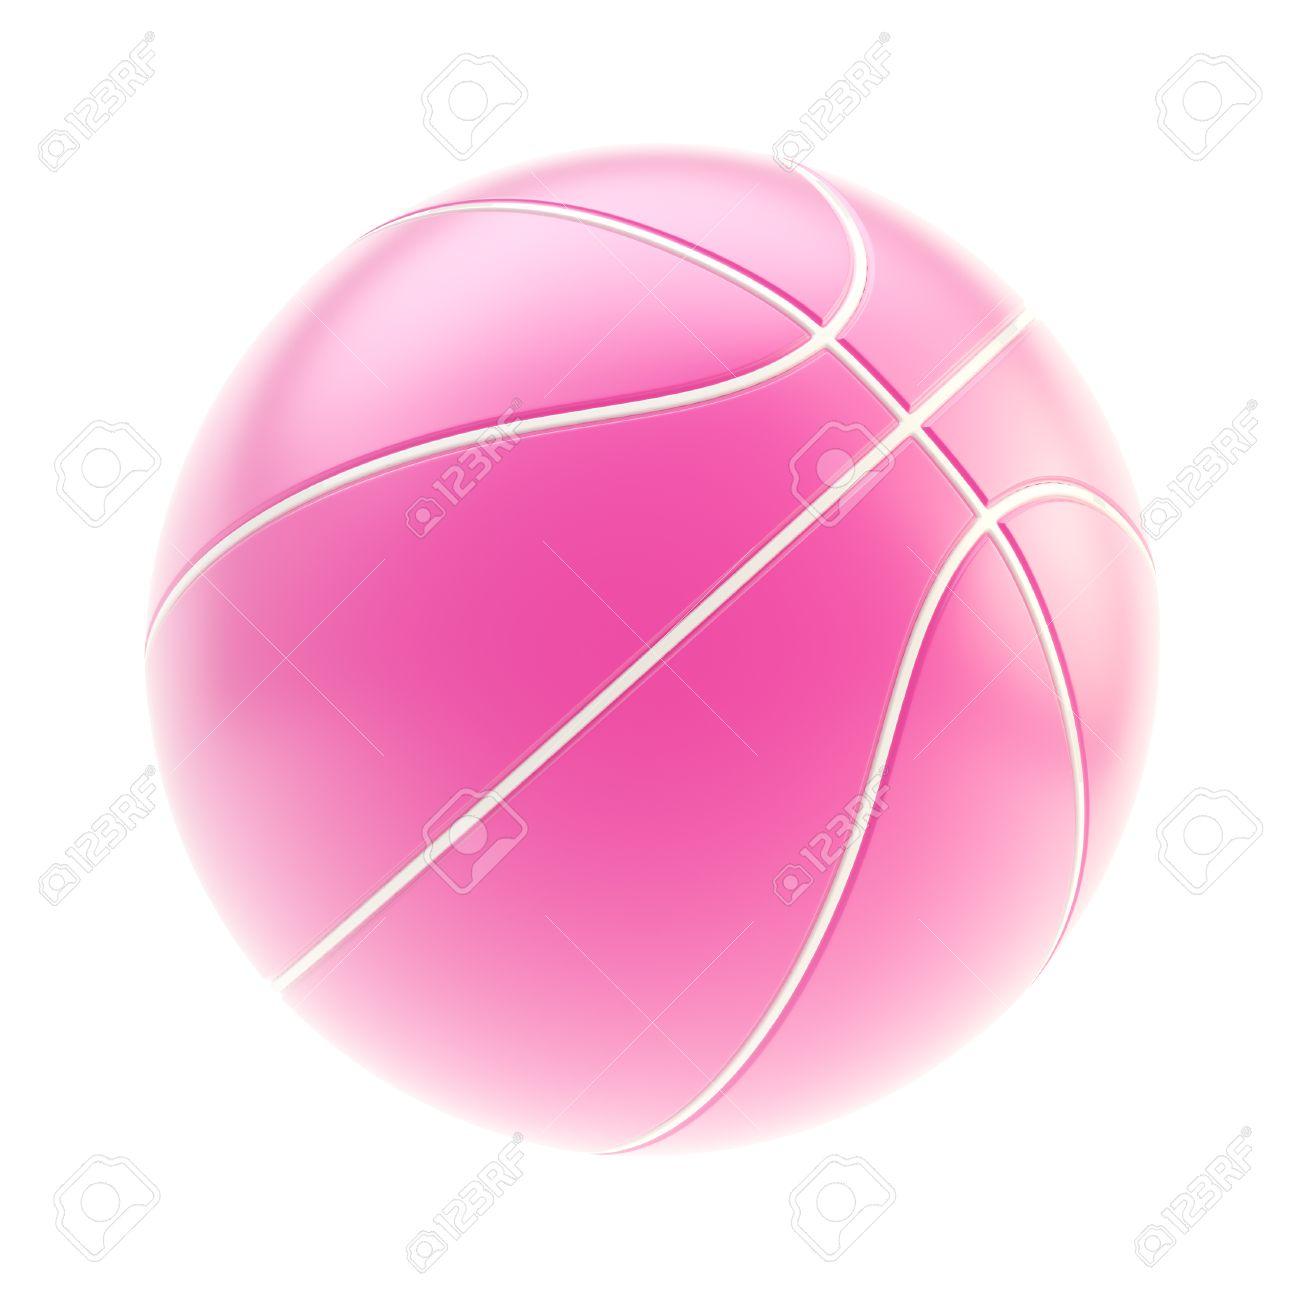 8e5109c5198f1 Banque d'images - Brillant rose ballon de basket rendu 3d, isolé sur fond  blanc